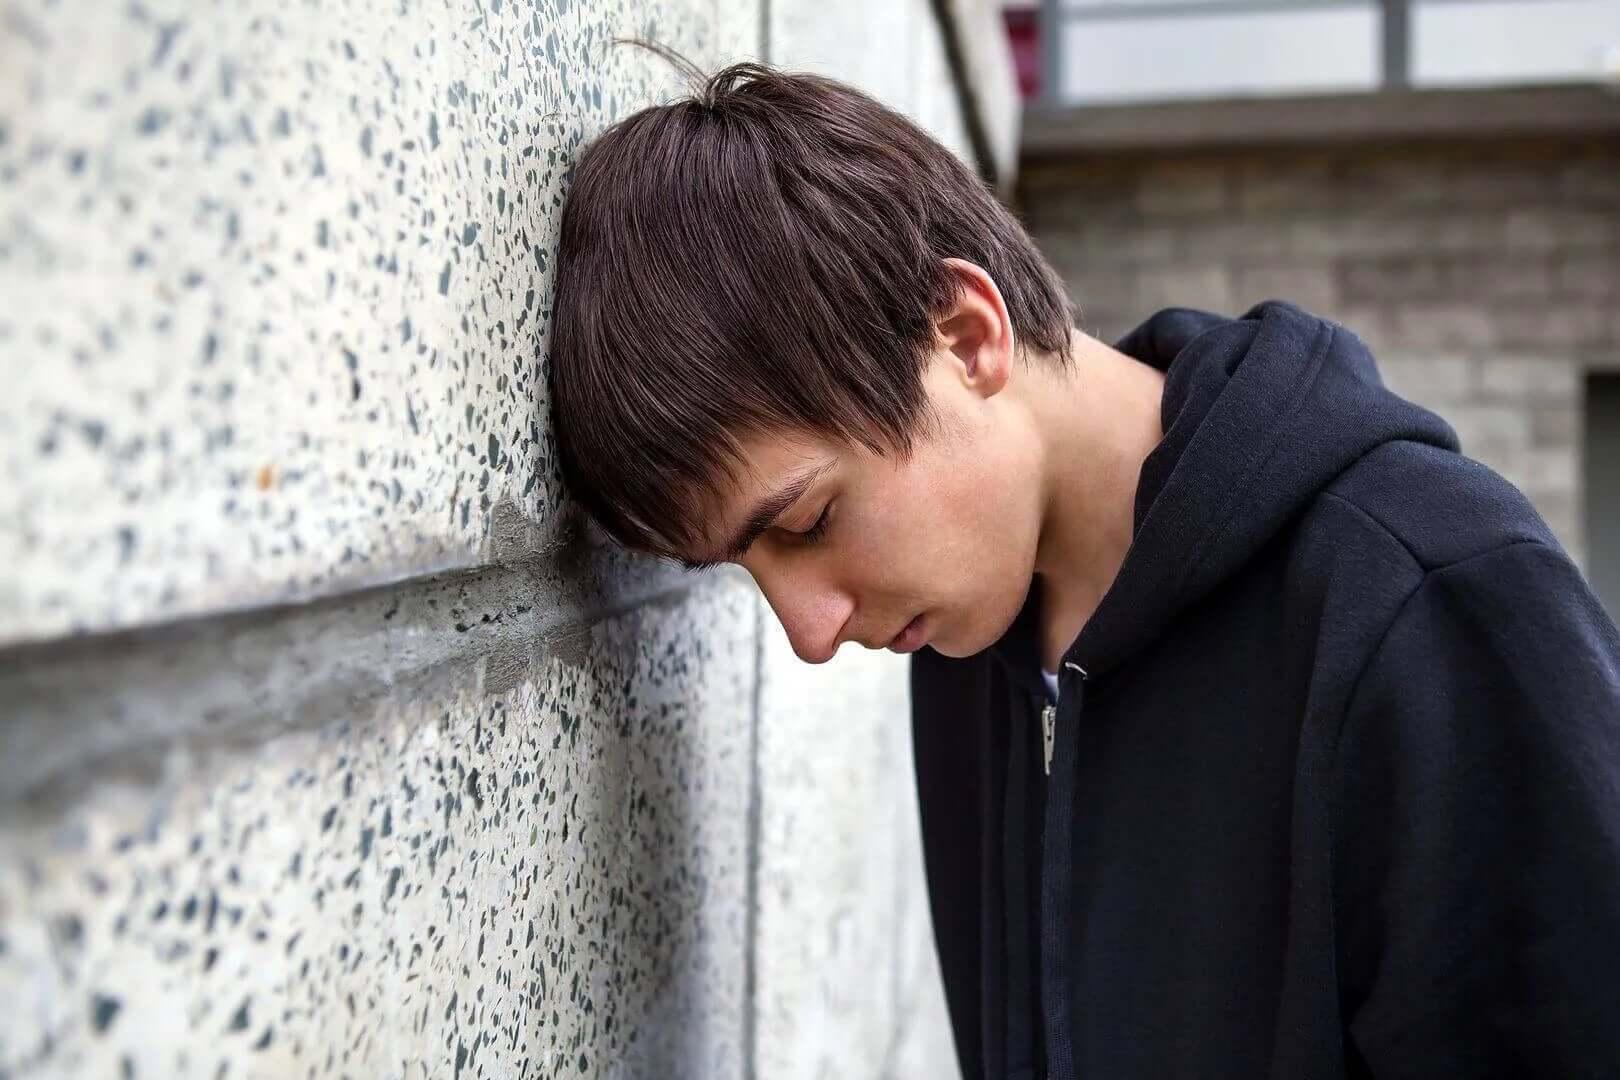 başını duvara yaslamış çocuk